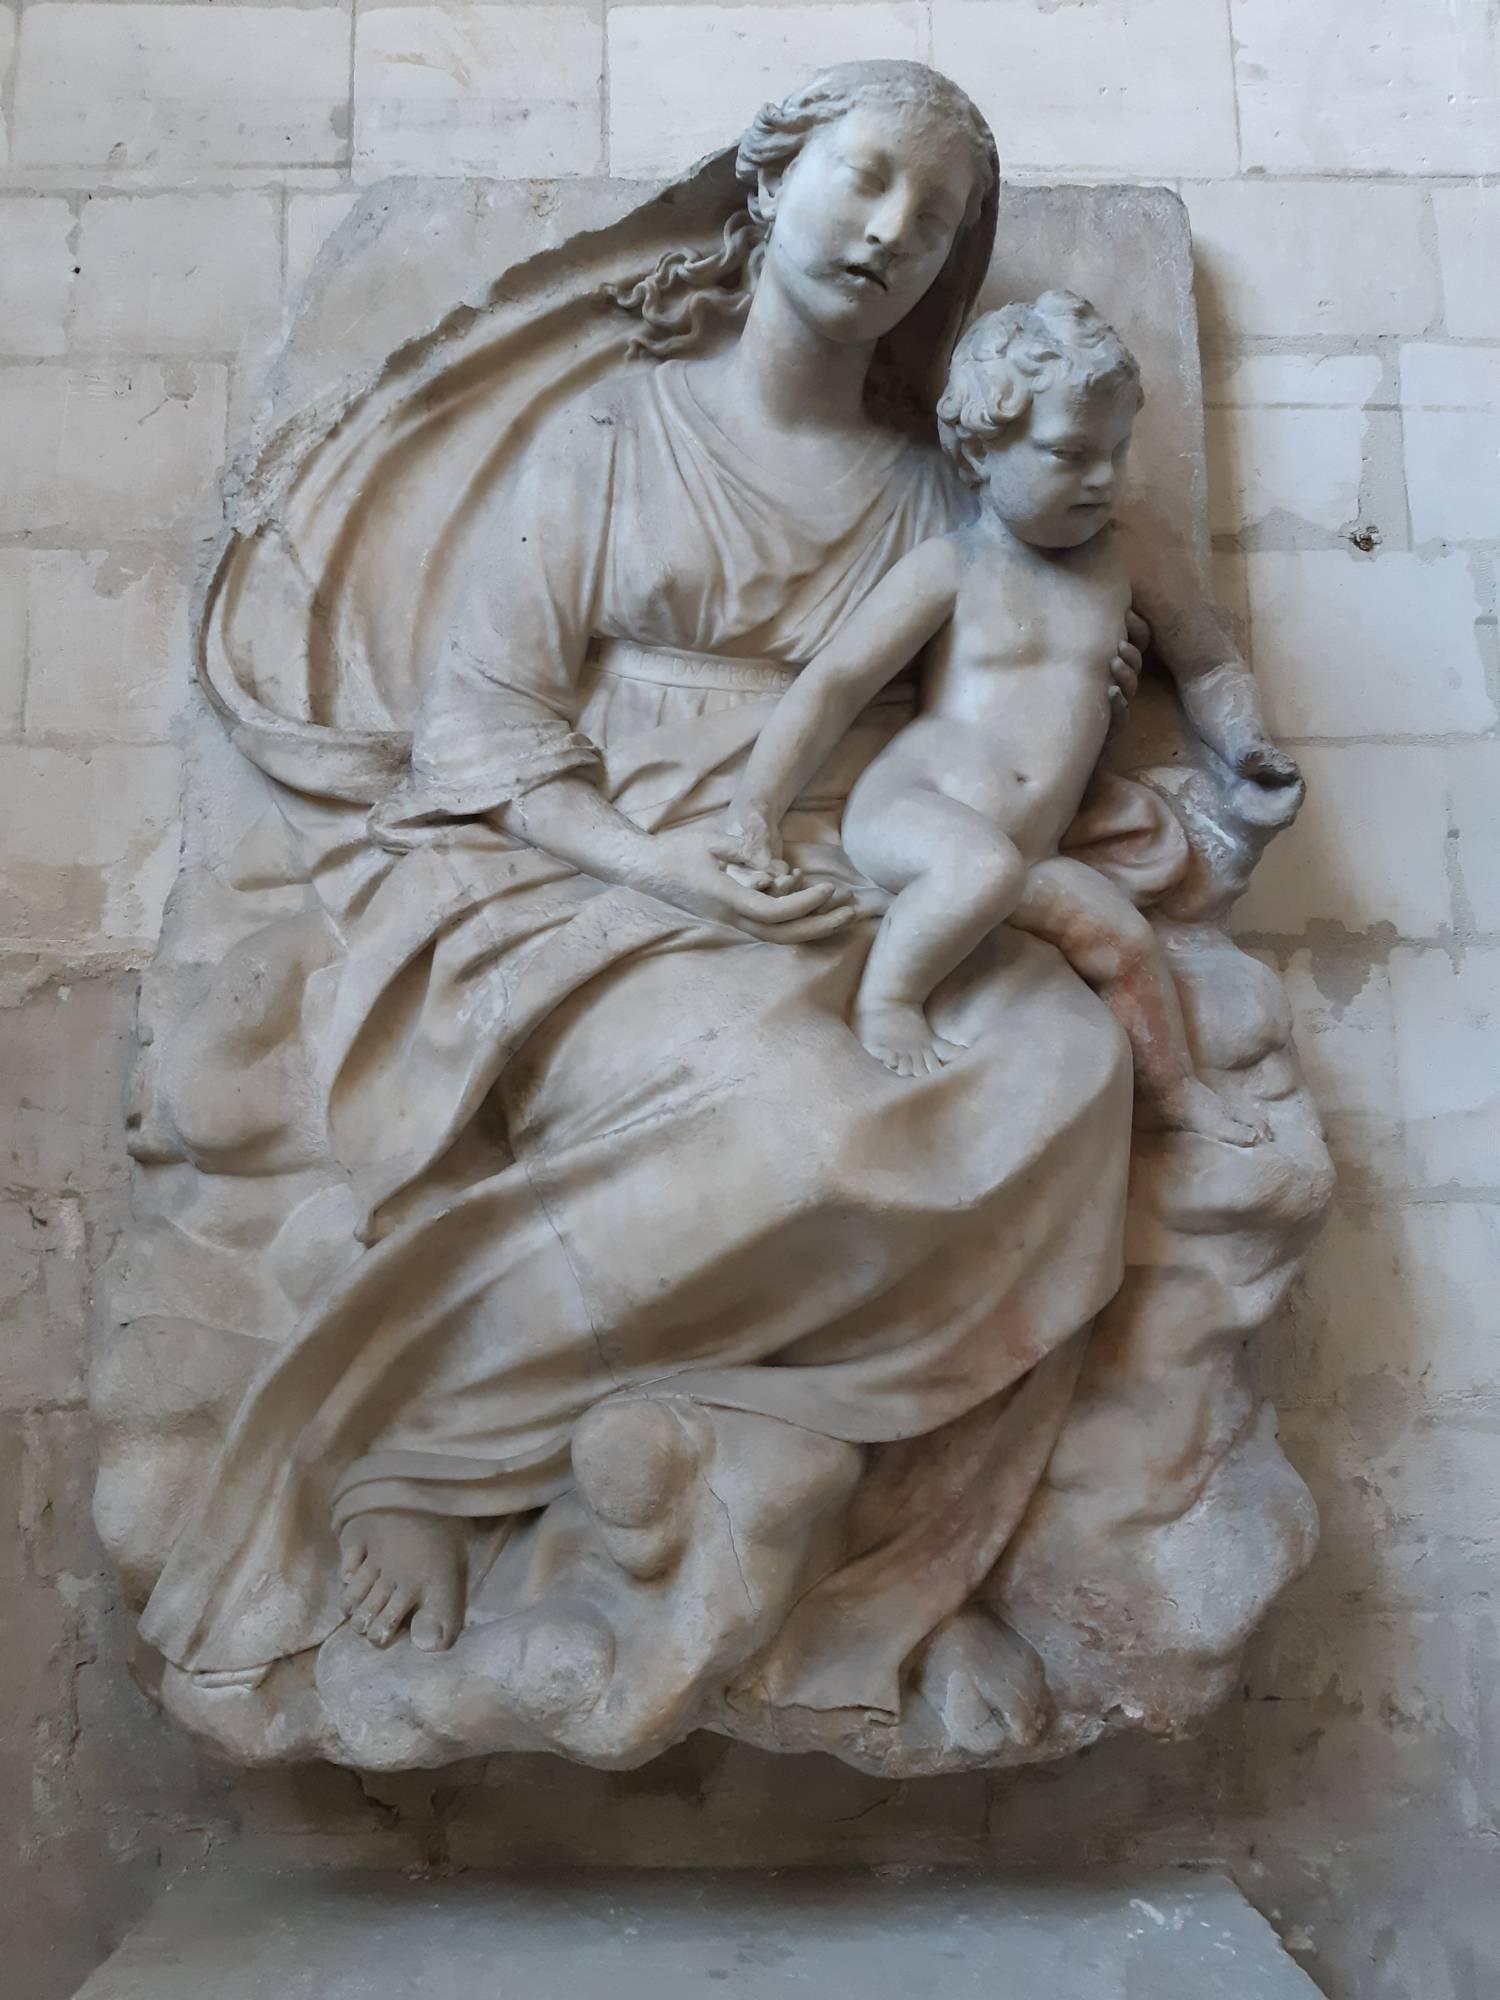 Haut-relief de la Vierge à l'Enfant, du_Broeucq, Saint-Omer (62) - Sauvegarde de l'Art Français Plus Grand Musée de France